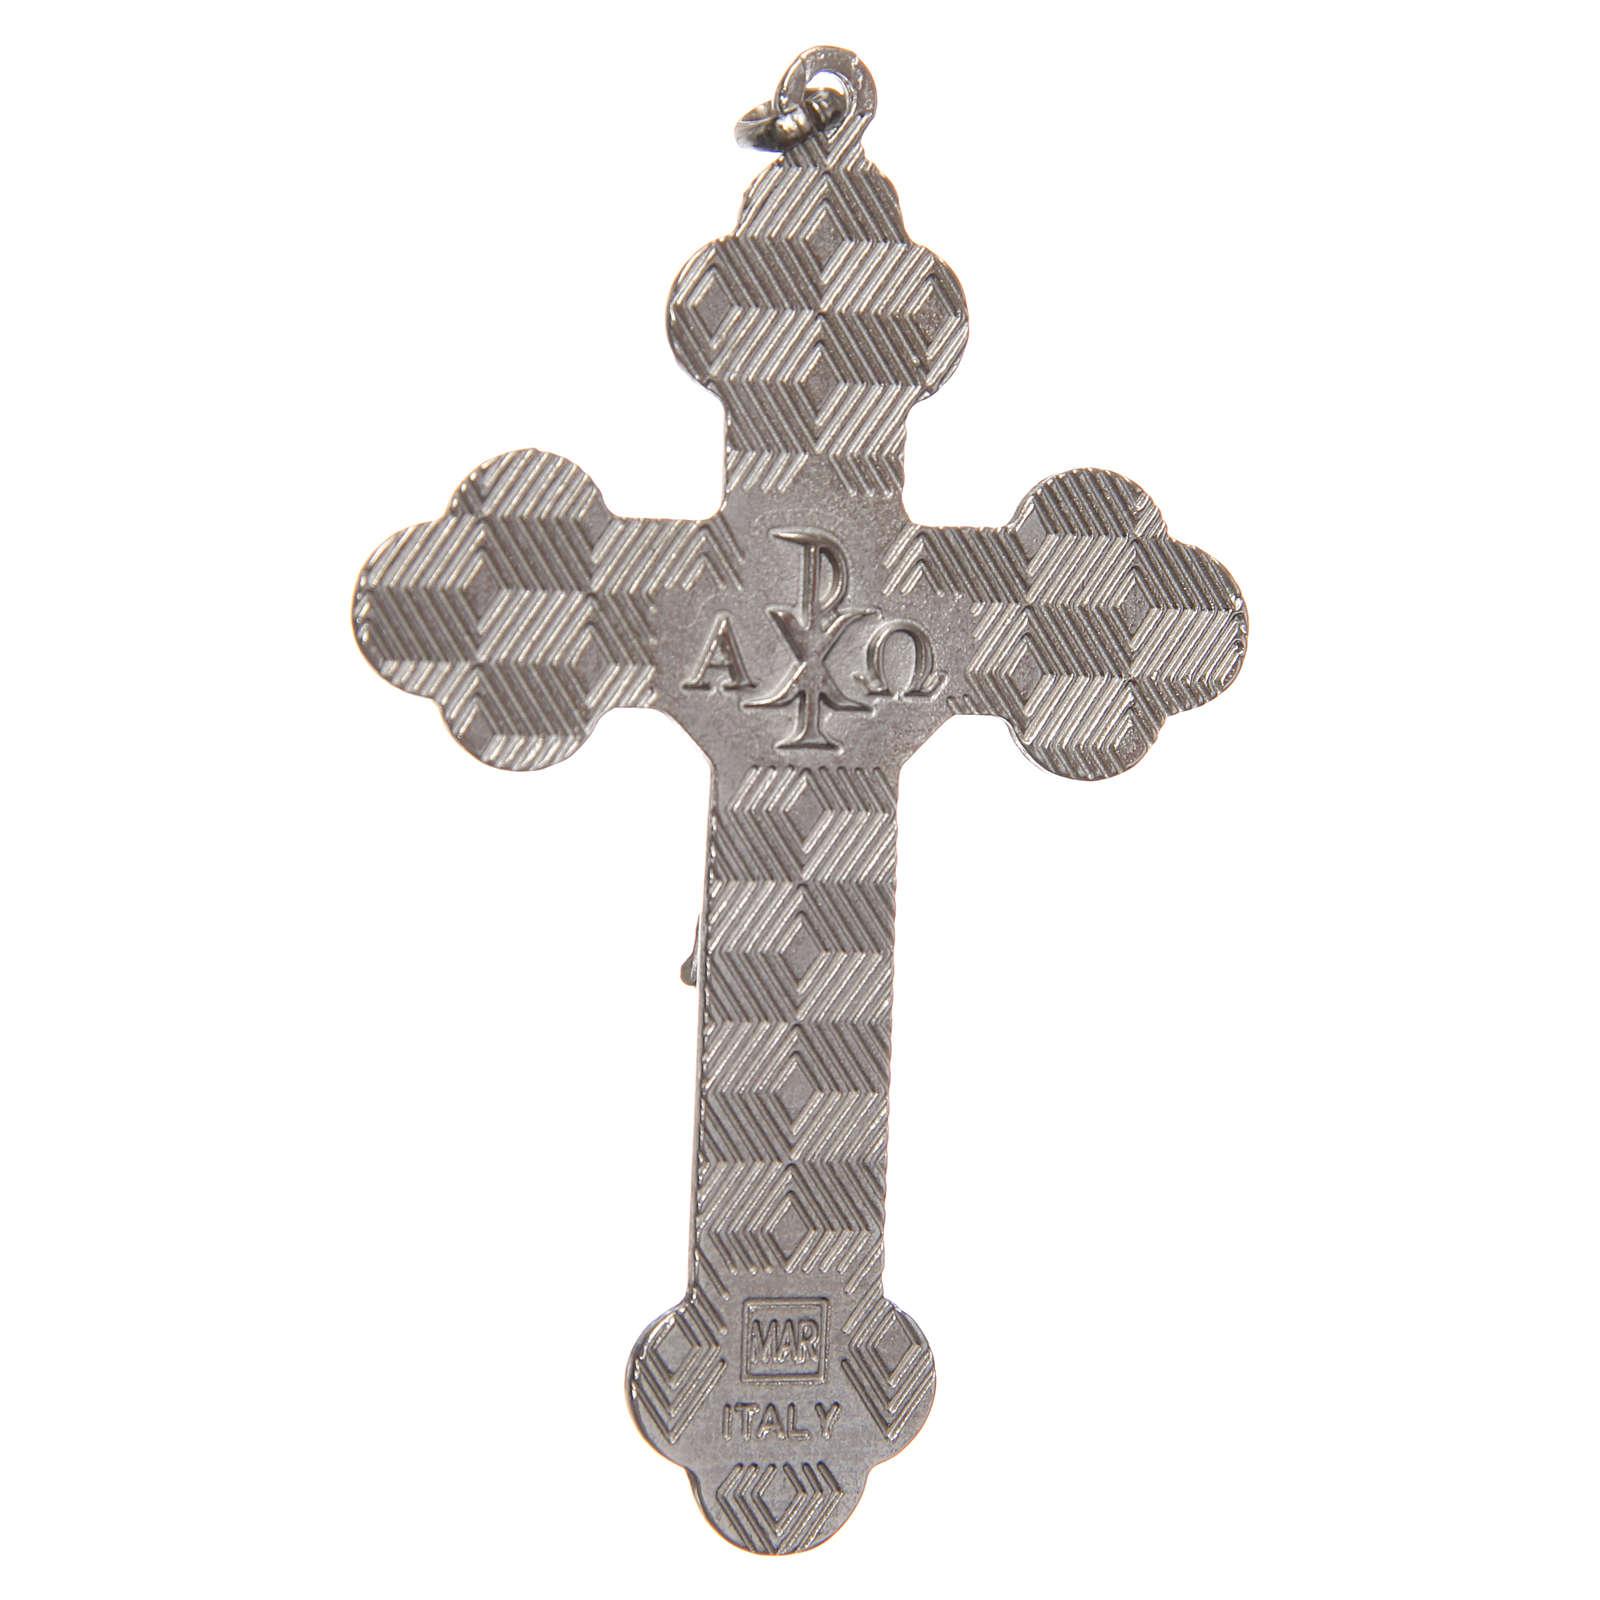 STOCK Croce metallo nichelato smalto nero e Cristo cm 8,5 4